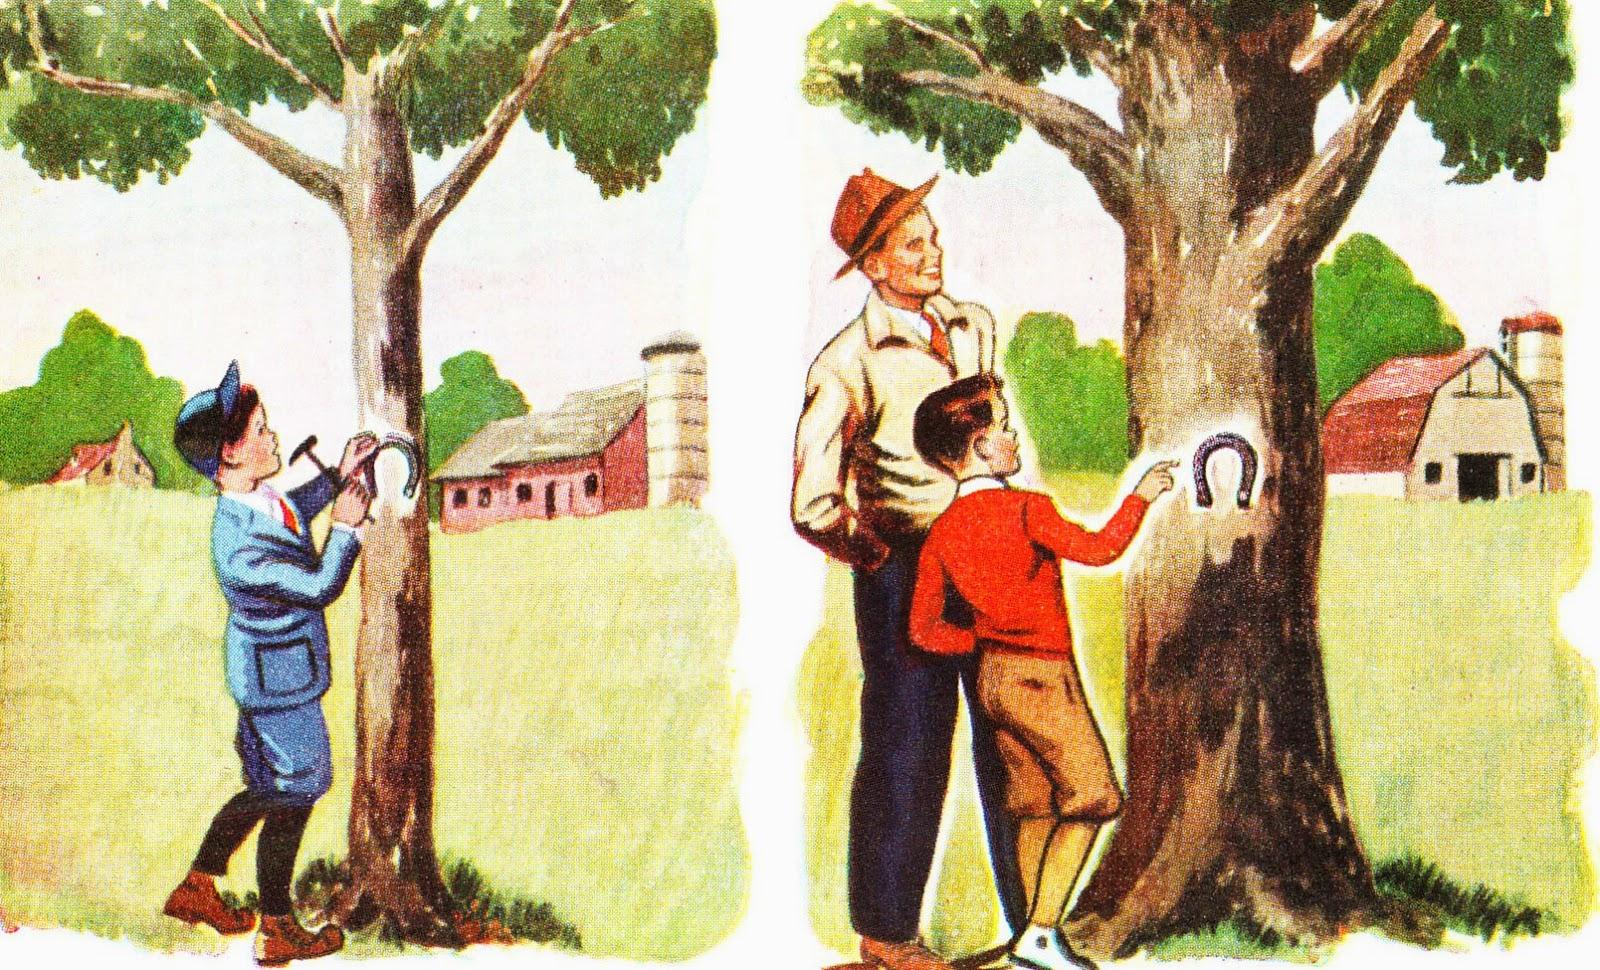 Swingers unitarian